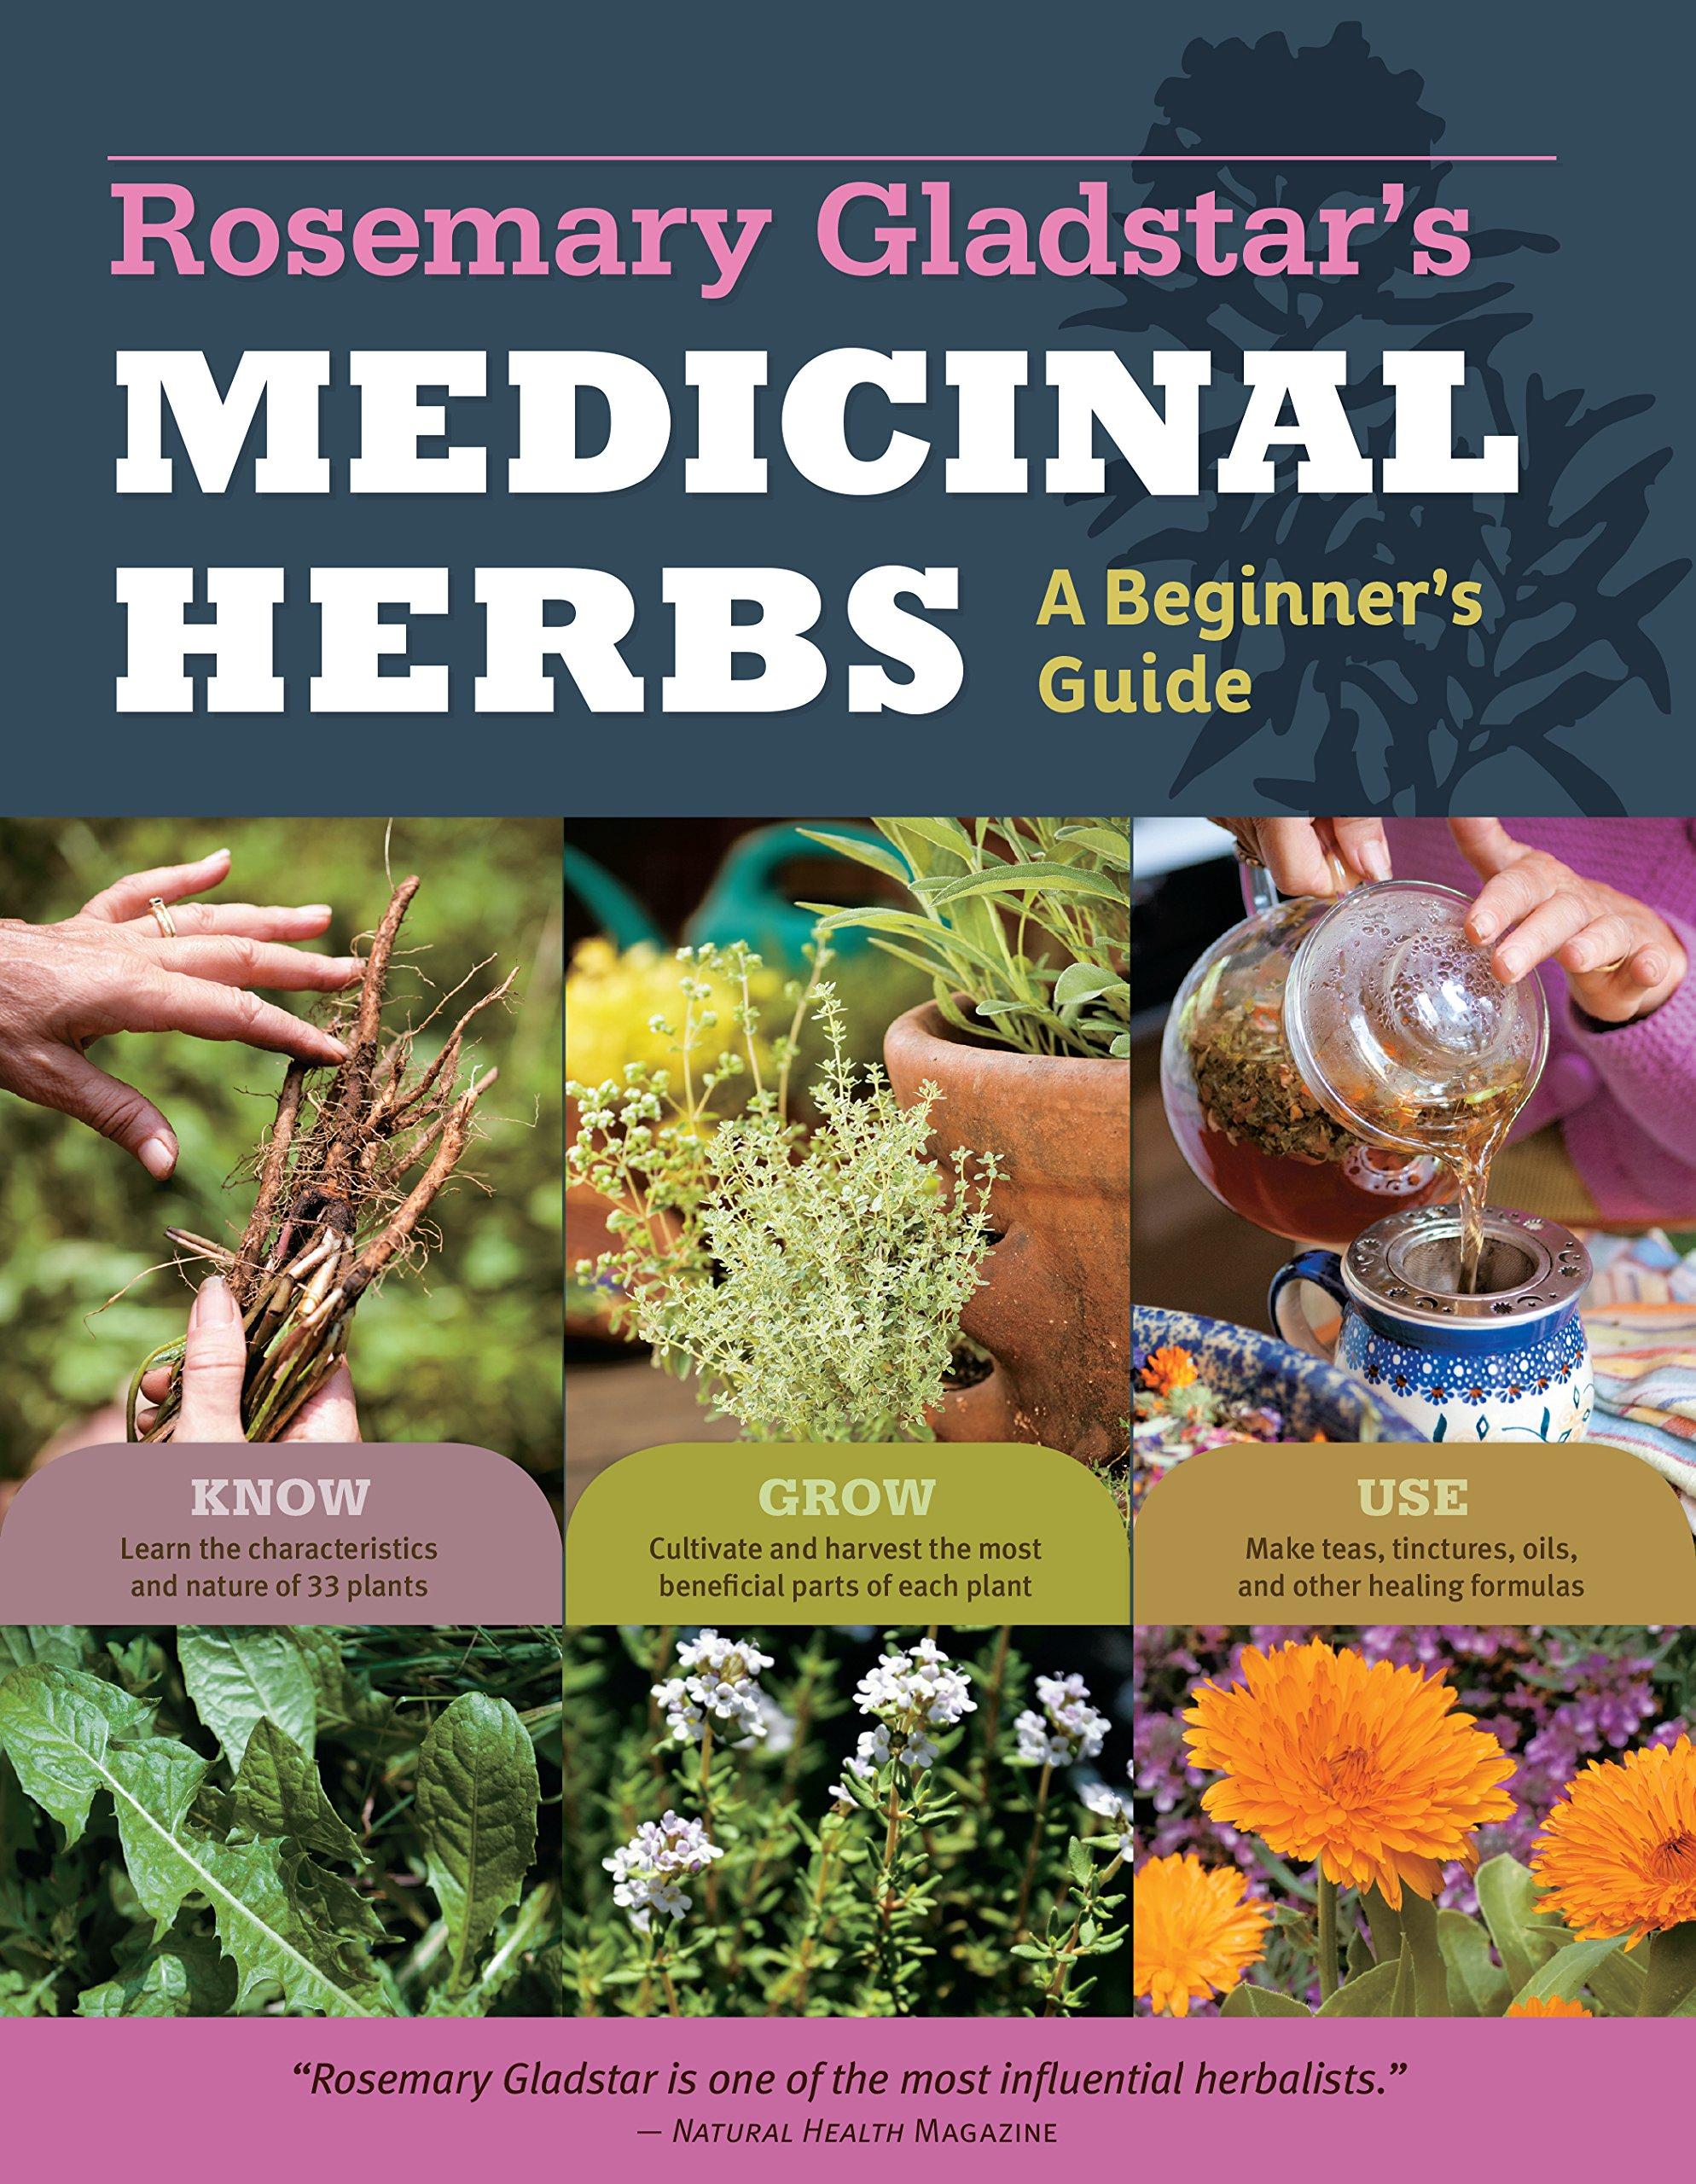 medicinal herbs a beginners guide.jpg